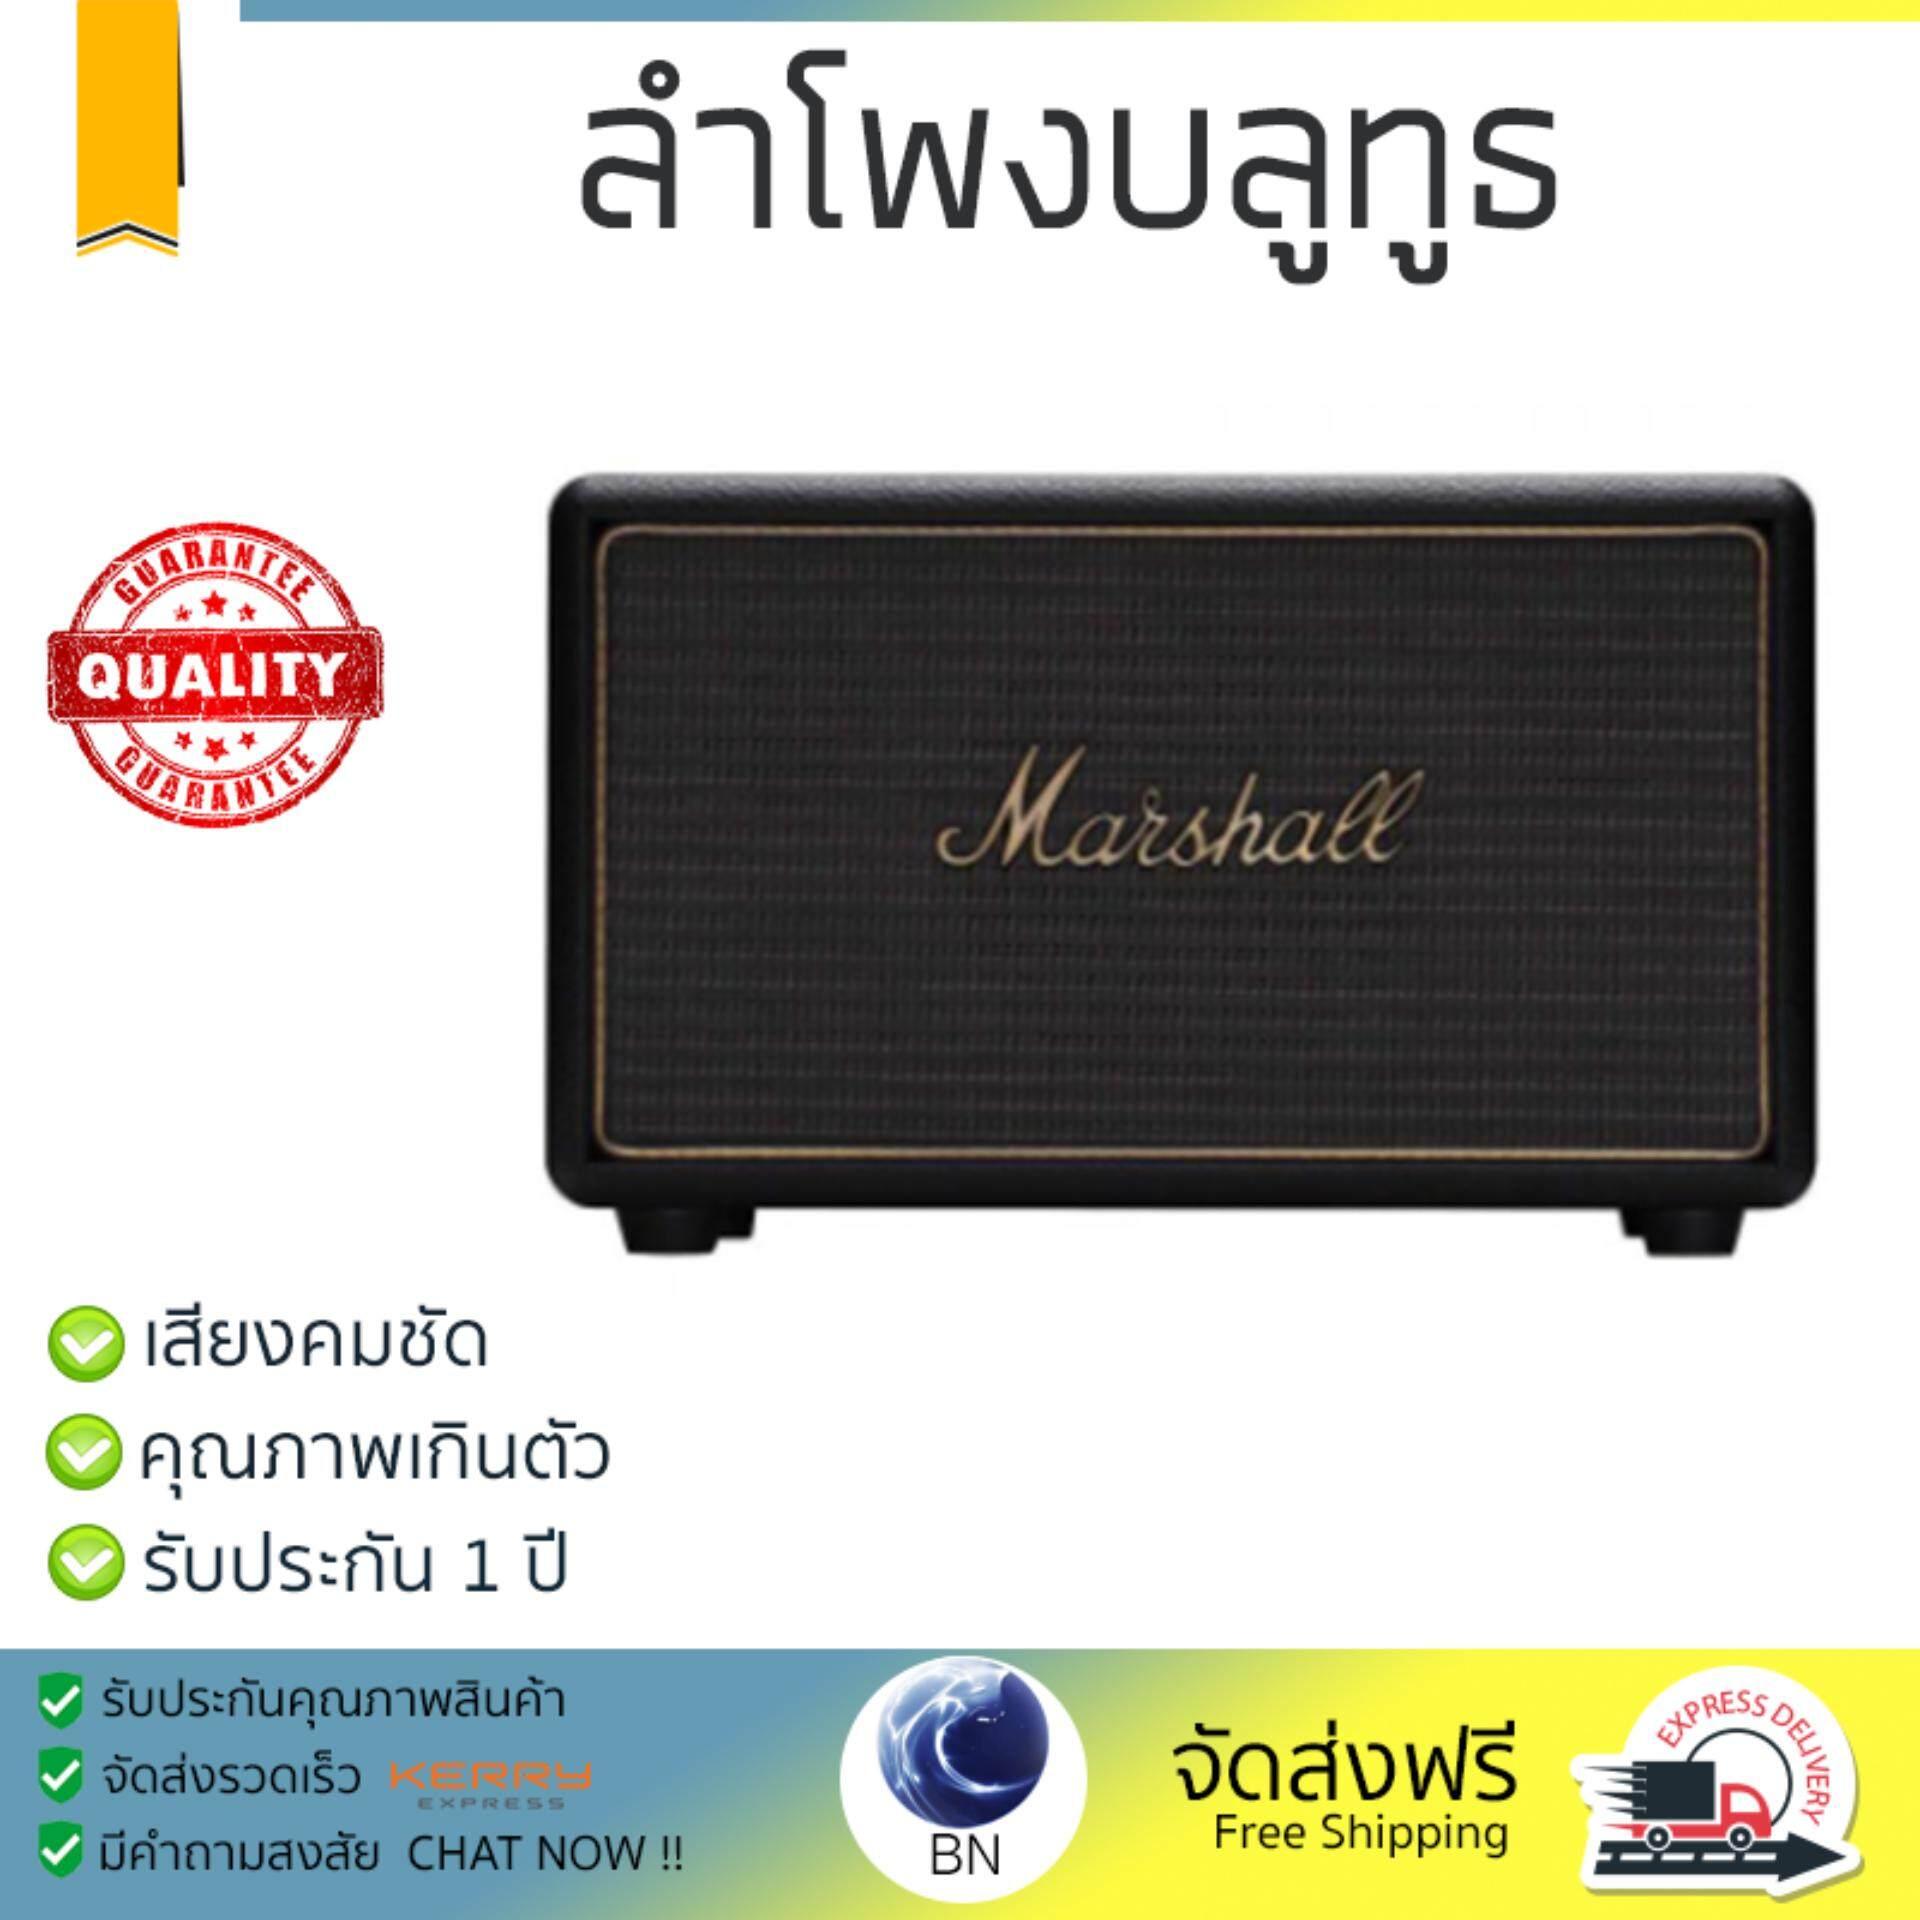 สอนใช้งาน  สระแก้ว จัดส่งฟรี ลำโพงบลูทูธ  Marshall Bluetooth Speaker 2.1 Acton Multi-Room Black เสียงใส คุณภาพเกินตัว Wireless Bluetooth Speaker รับประกัน 1 ปี